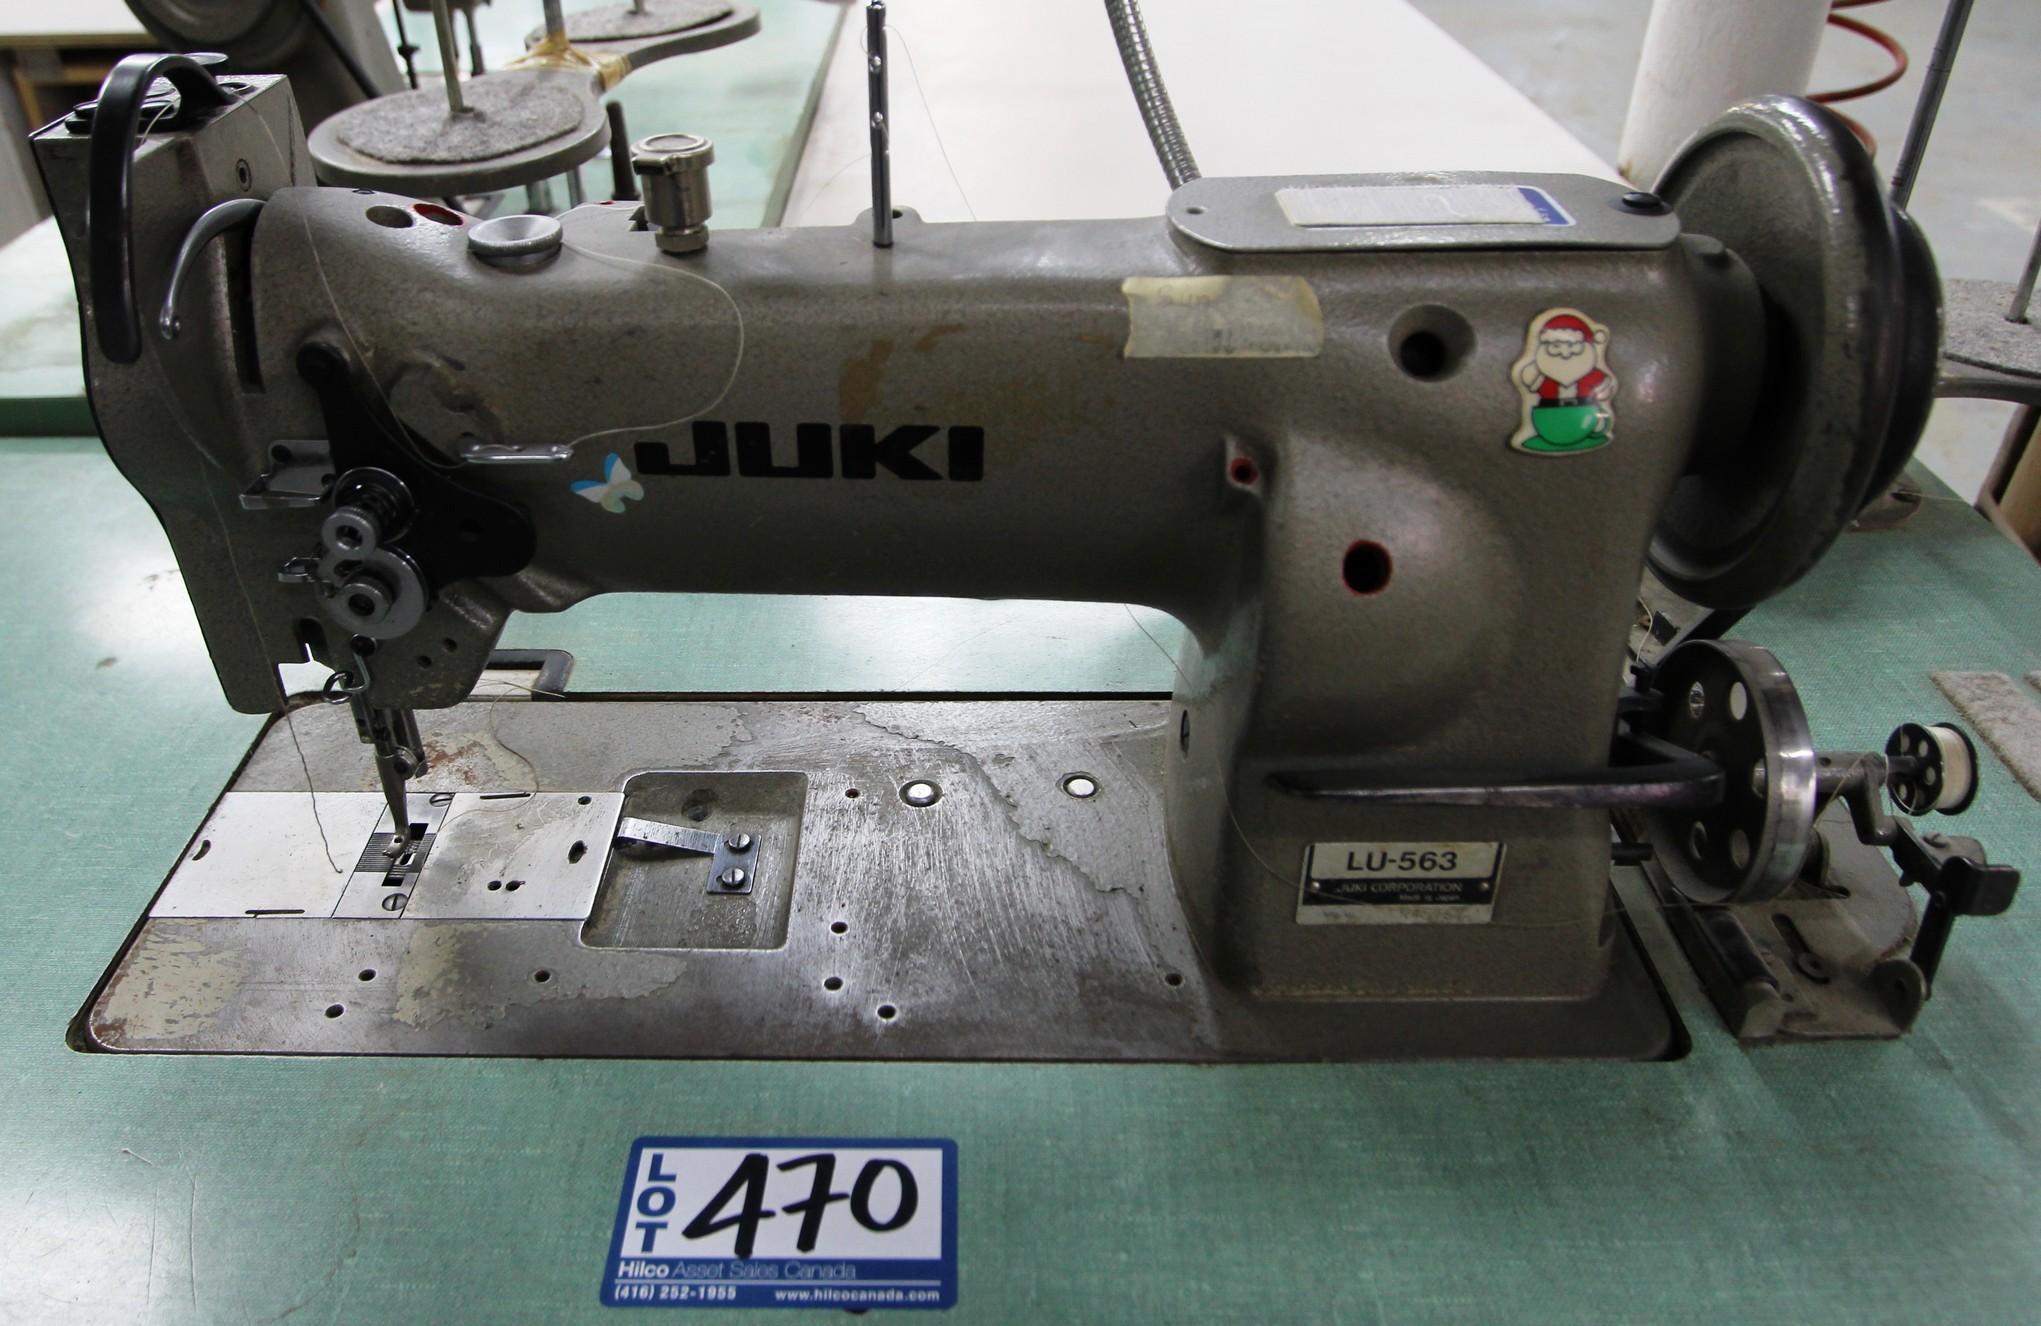 juki sewing machine models